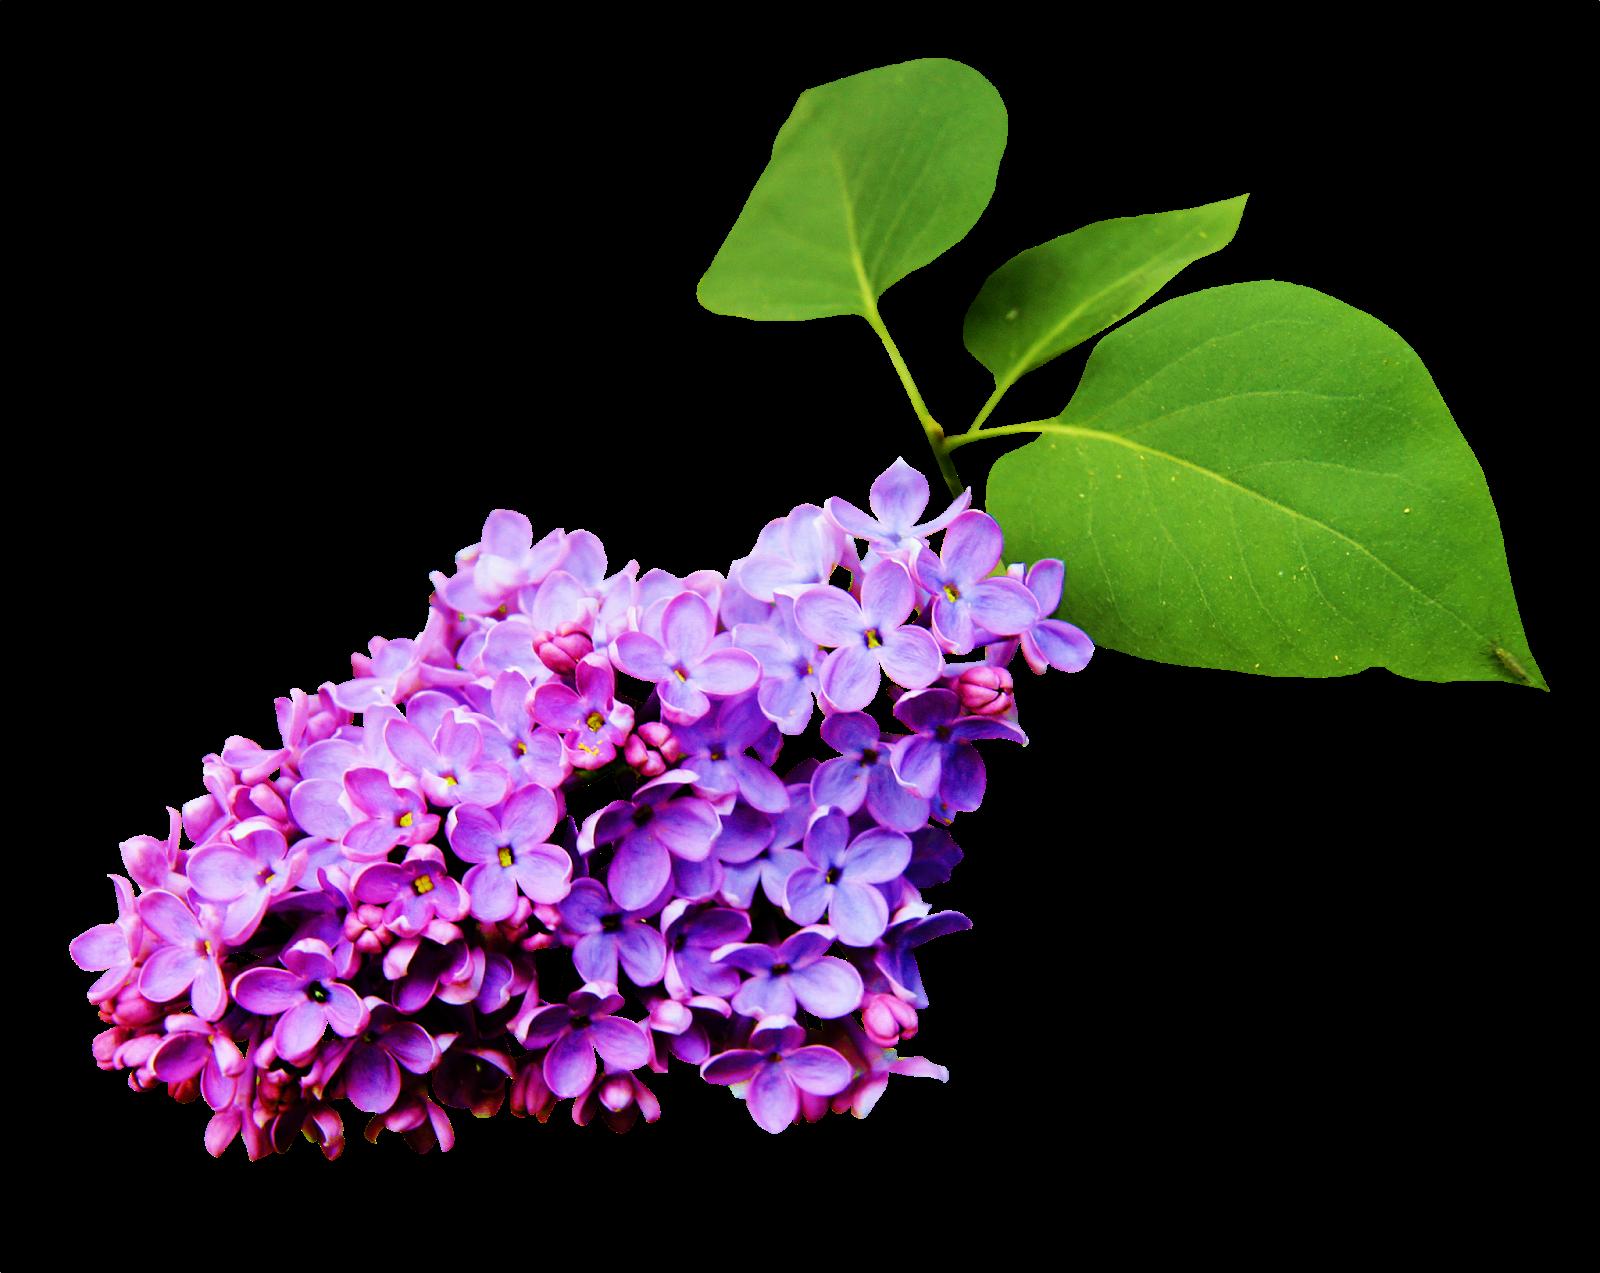 Cosas Para Photoscape Flores Y Plantas Arboles Ps: MARCOS GRATIS PARA FOTOS